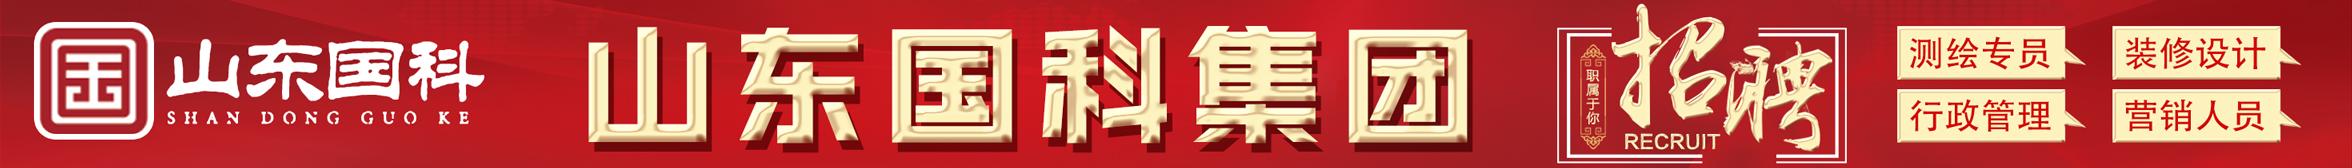 山东国科集团